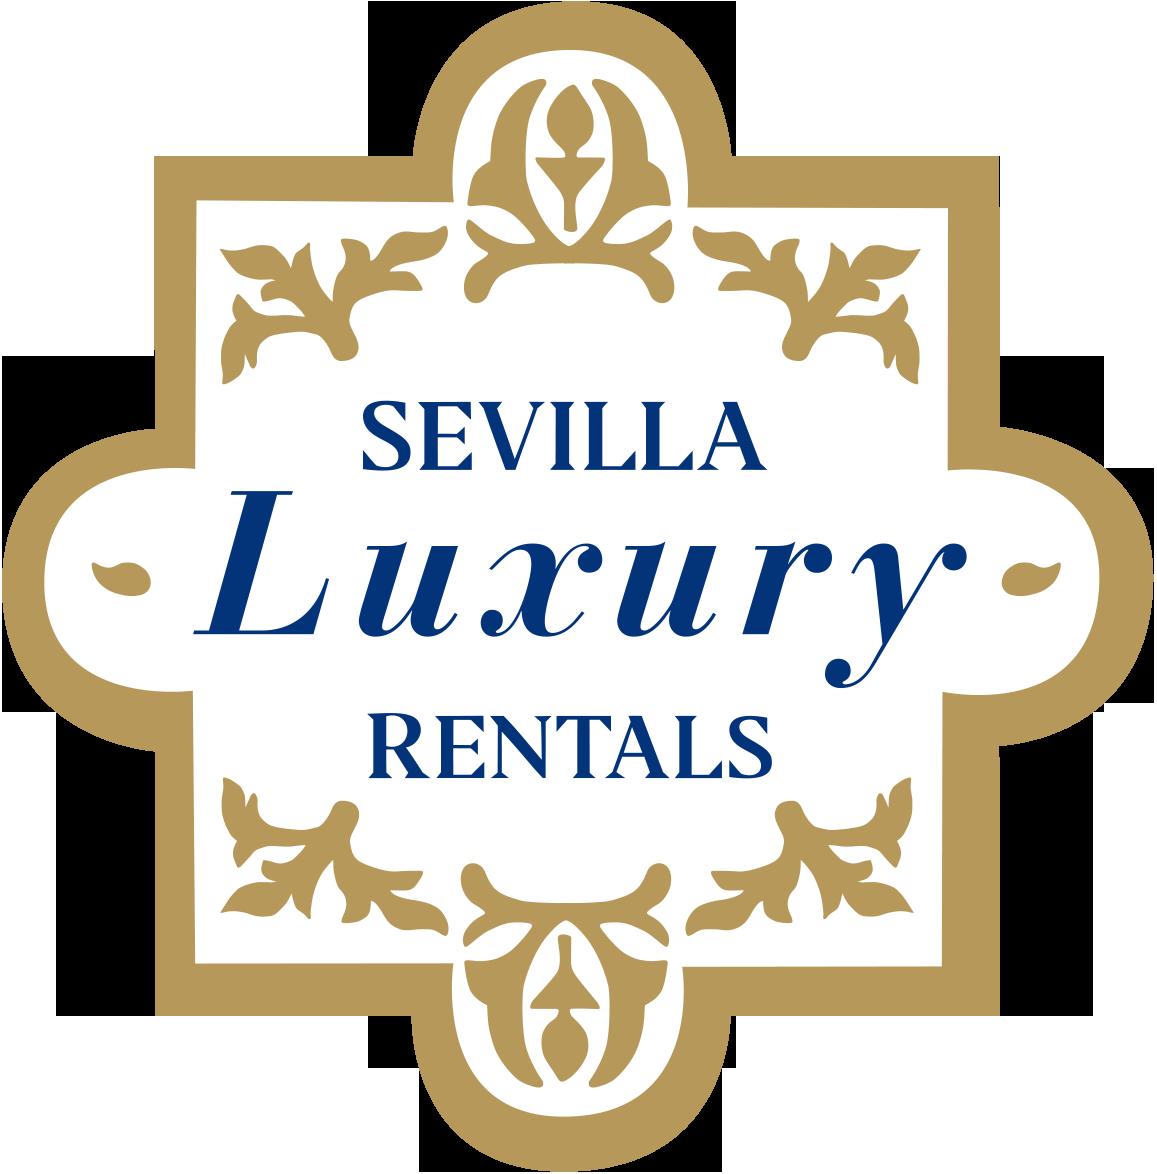 Sevilla Luxury Rentals Sevilla Spain Official Web